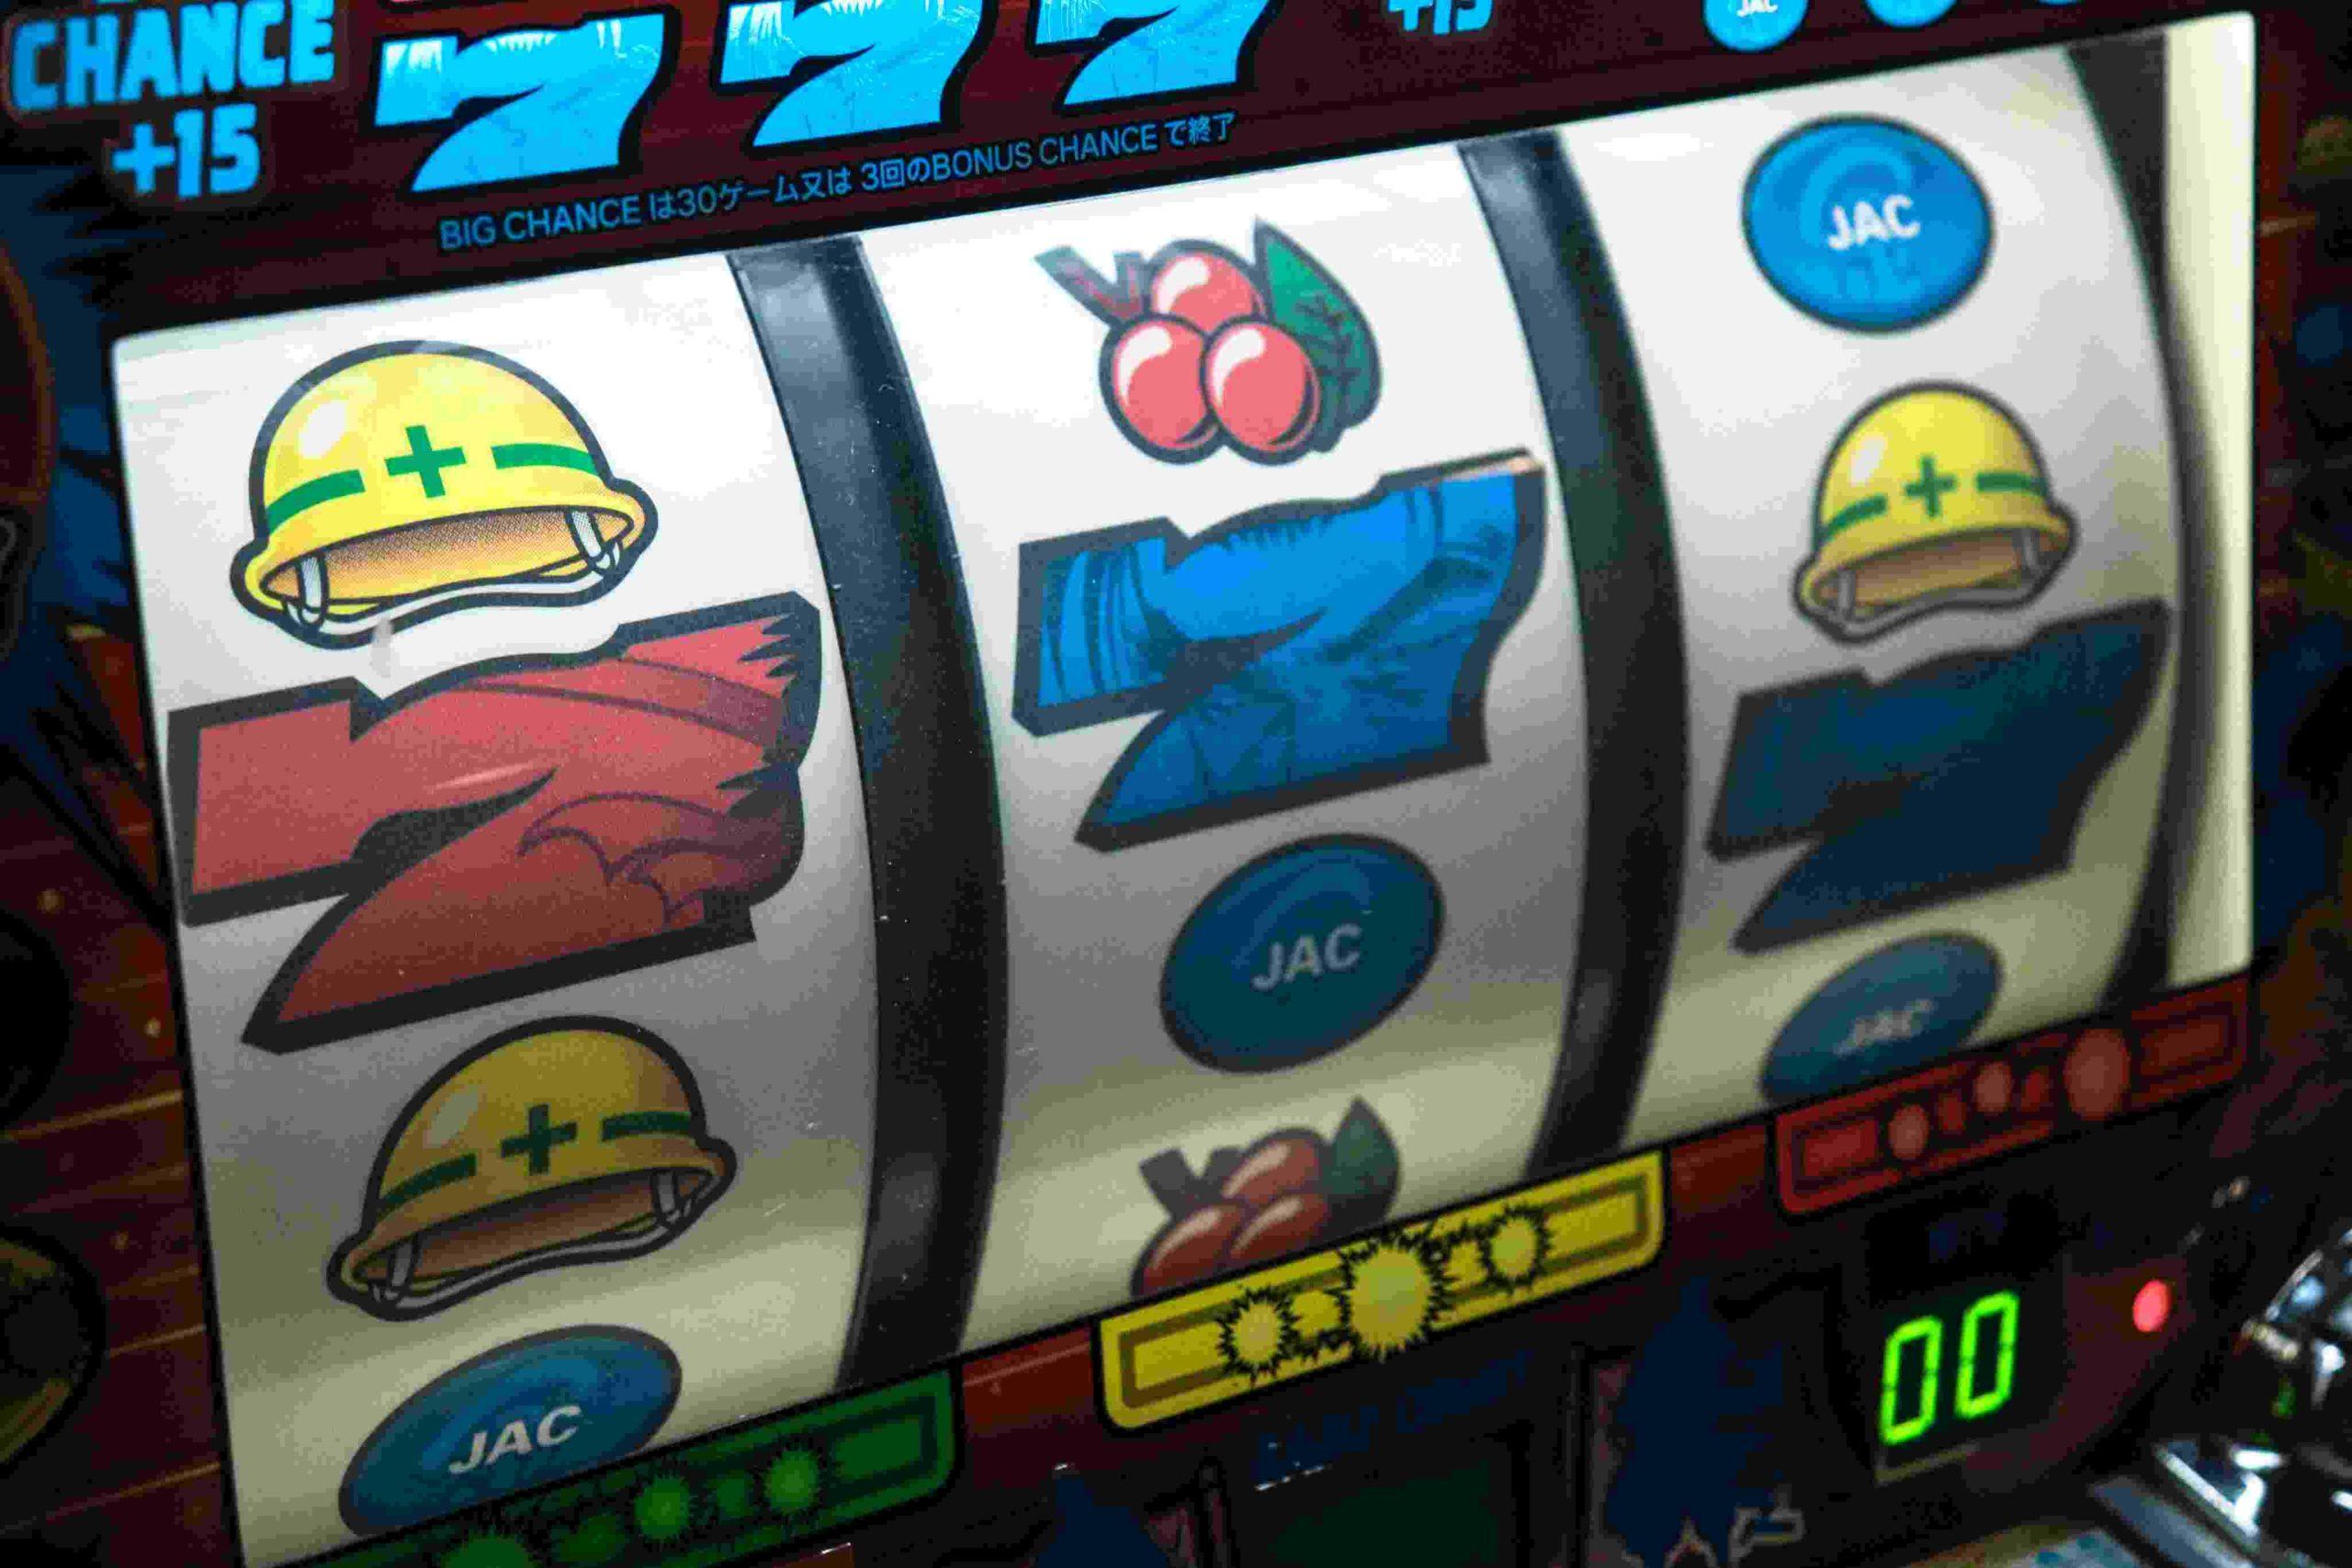 m88 Slot ดัง ที่คุณห้ามพลาดอย่างเด็ดขาด